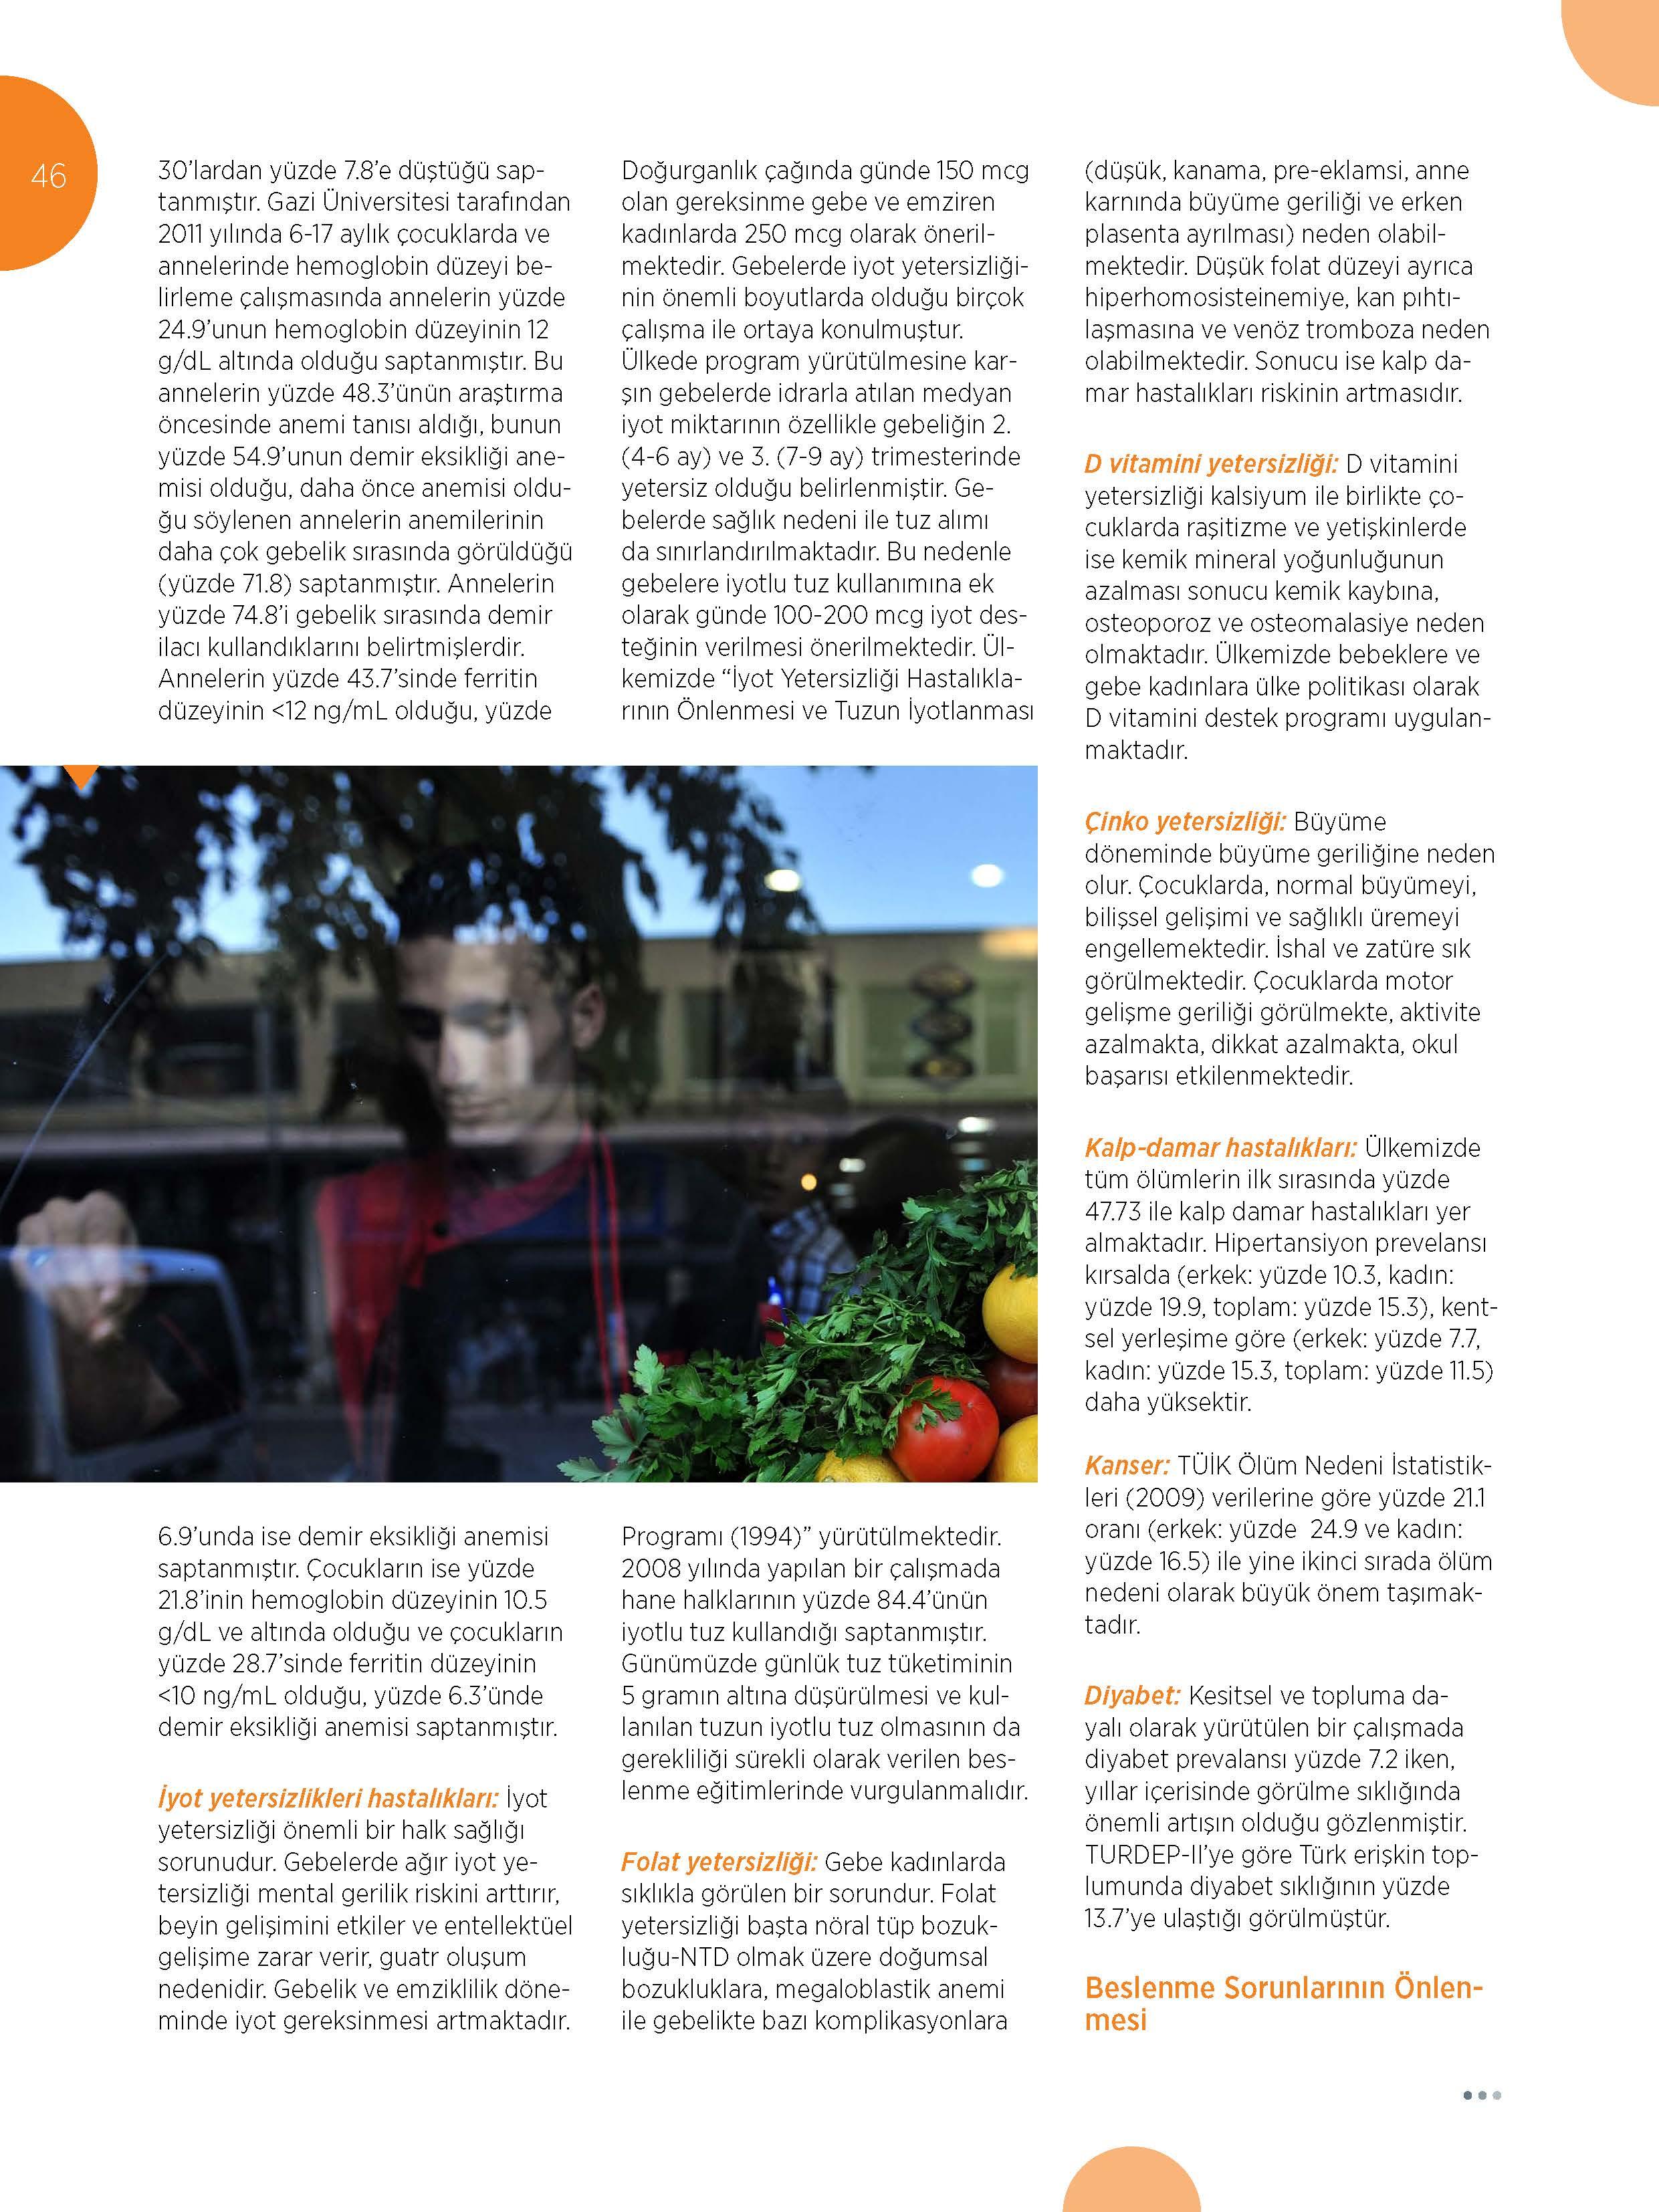 sayfa 46